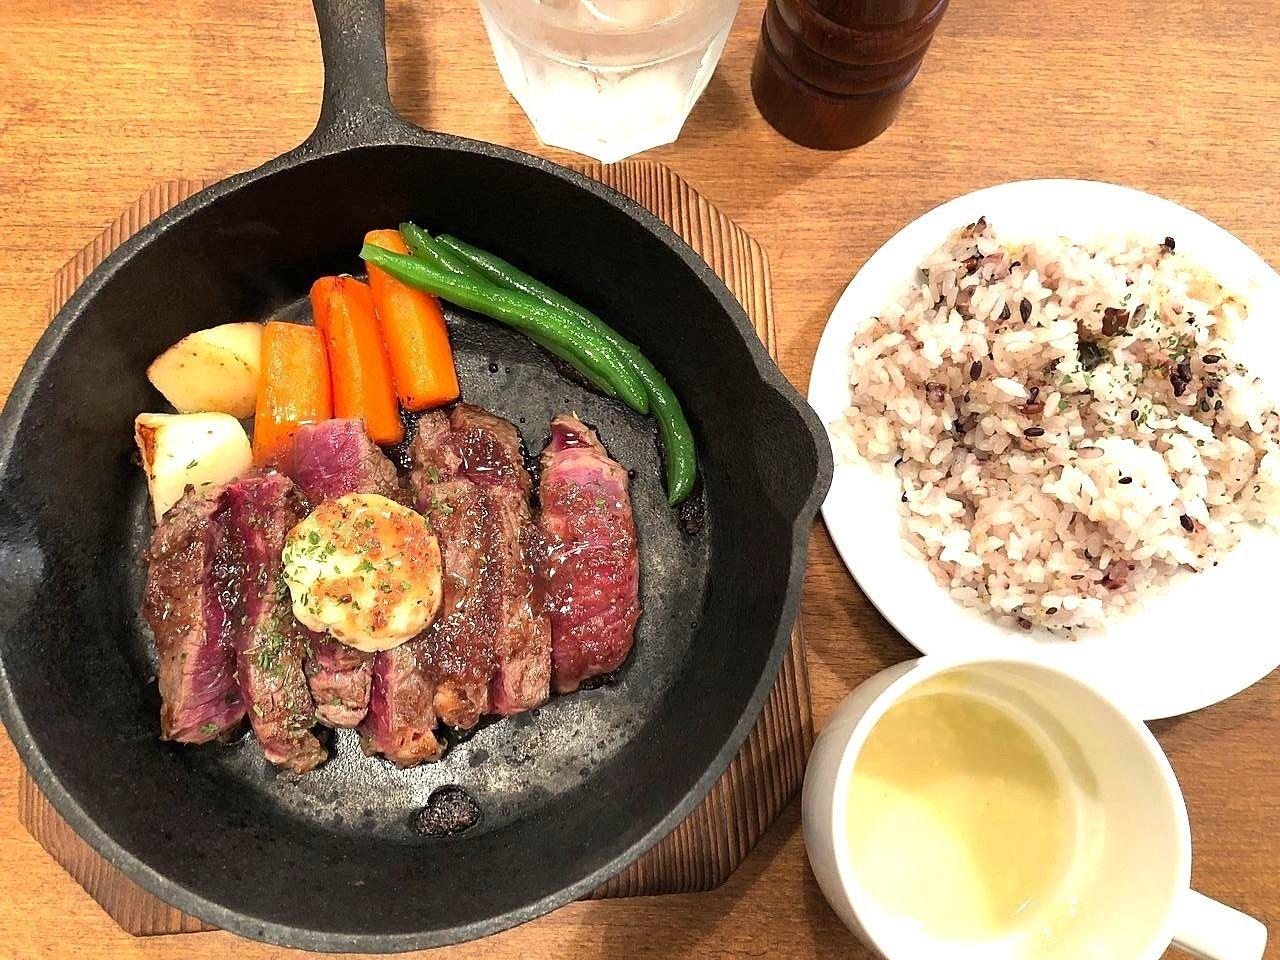 吉祥寺の肉料理専門店バルルのステーキ